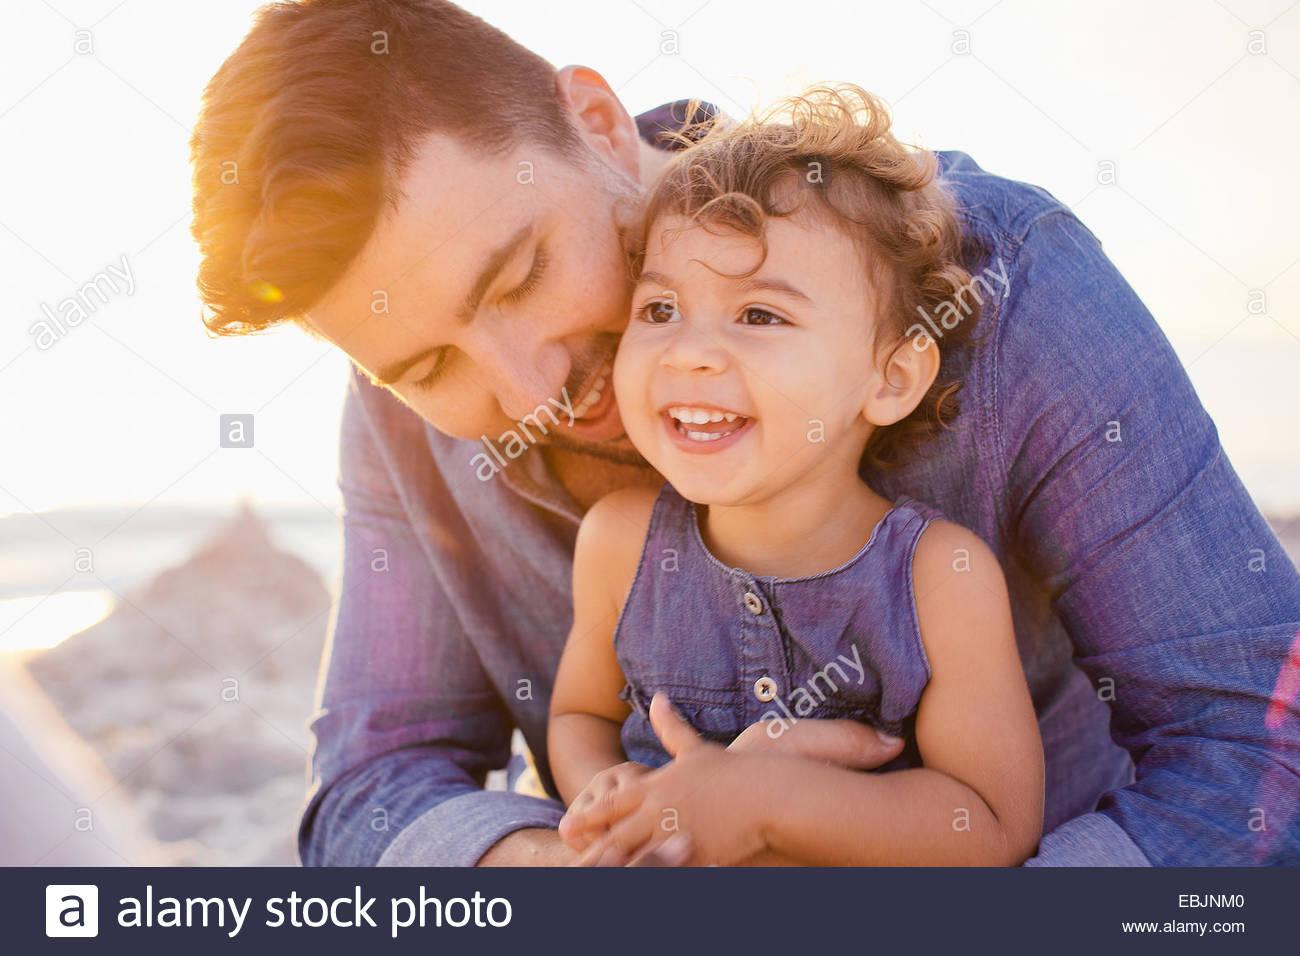 Ritratto di padre e figlia dei bimbi a beach, Toscana, Italia Immagini Stock